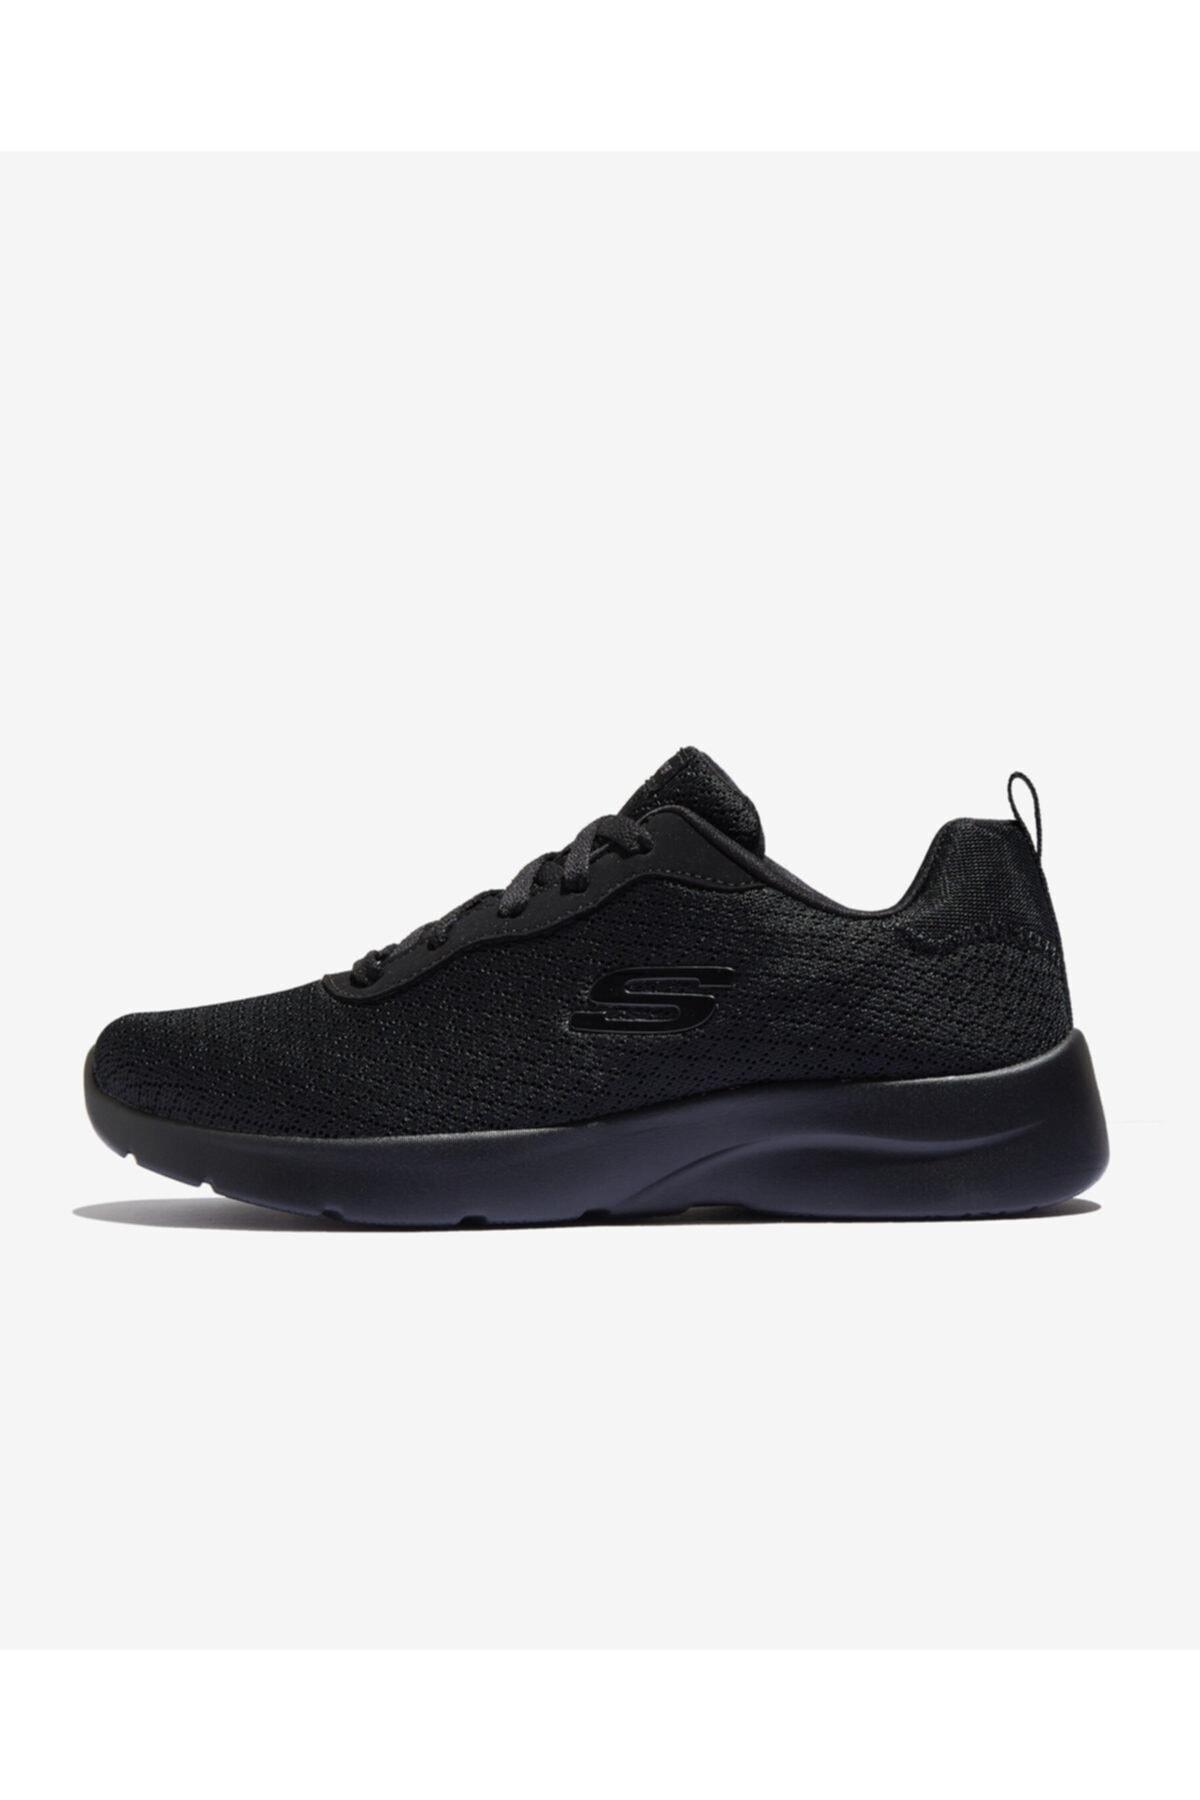 SKECHERS DYNAMIGHT 2.0-EYE TO EYE Kadın Siyah Spor Ayakkabı 1